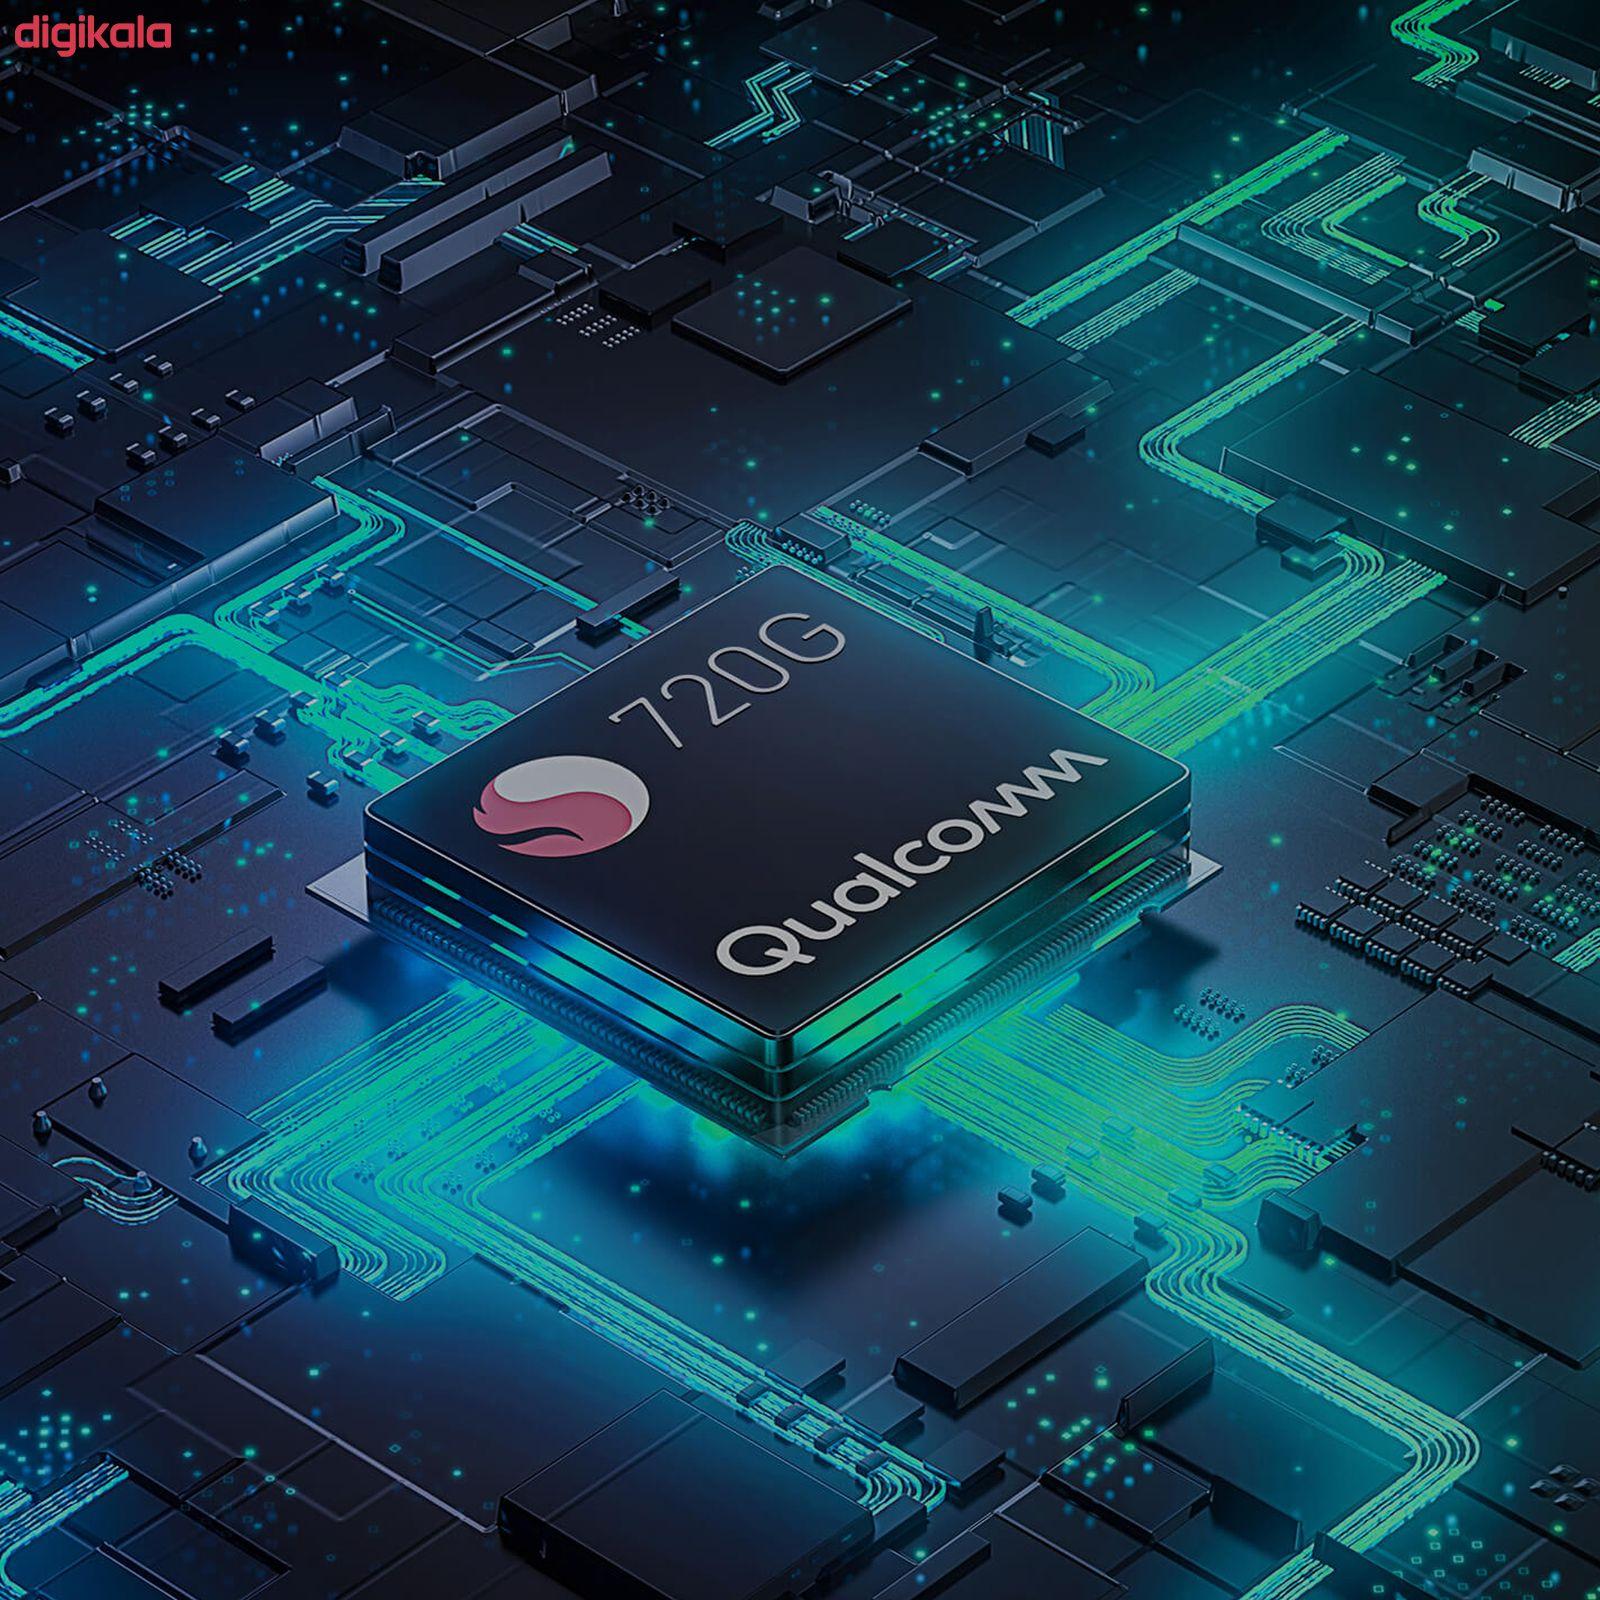 گوشی موبایل شیائومی مدل Redmi Note 9S M2003J6A1G دو سیم کارت ظرفیت 64 گیگابایت  main 1 10